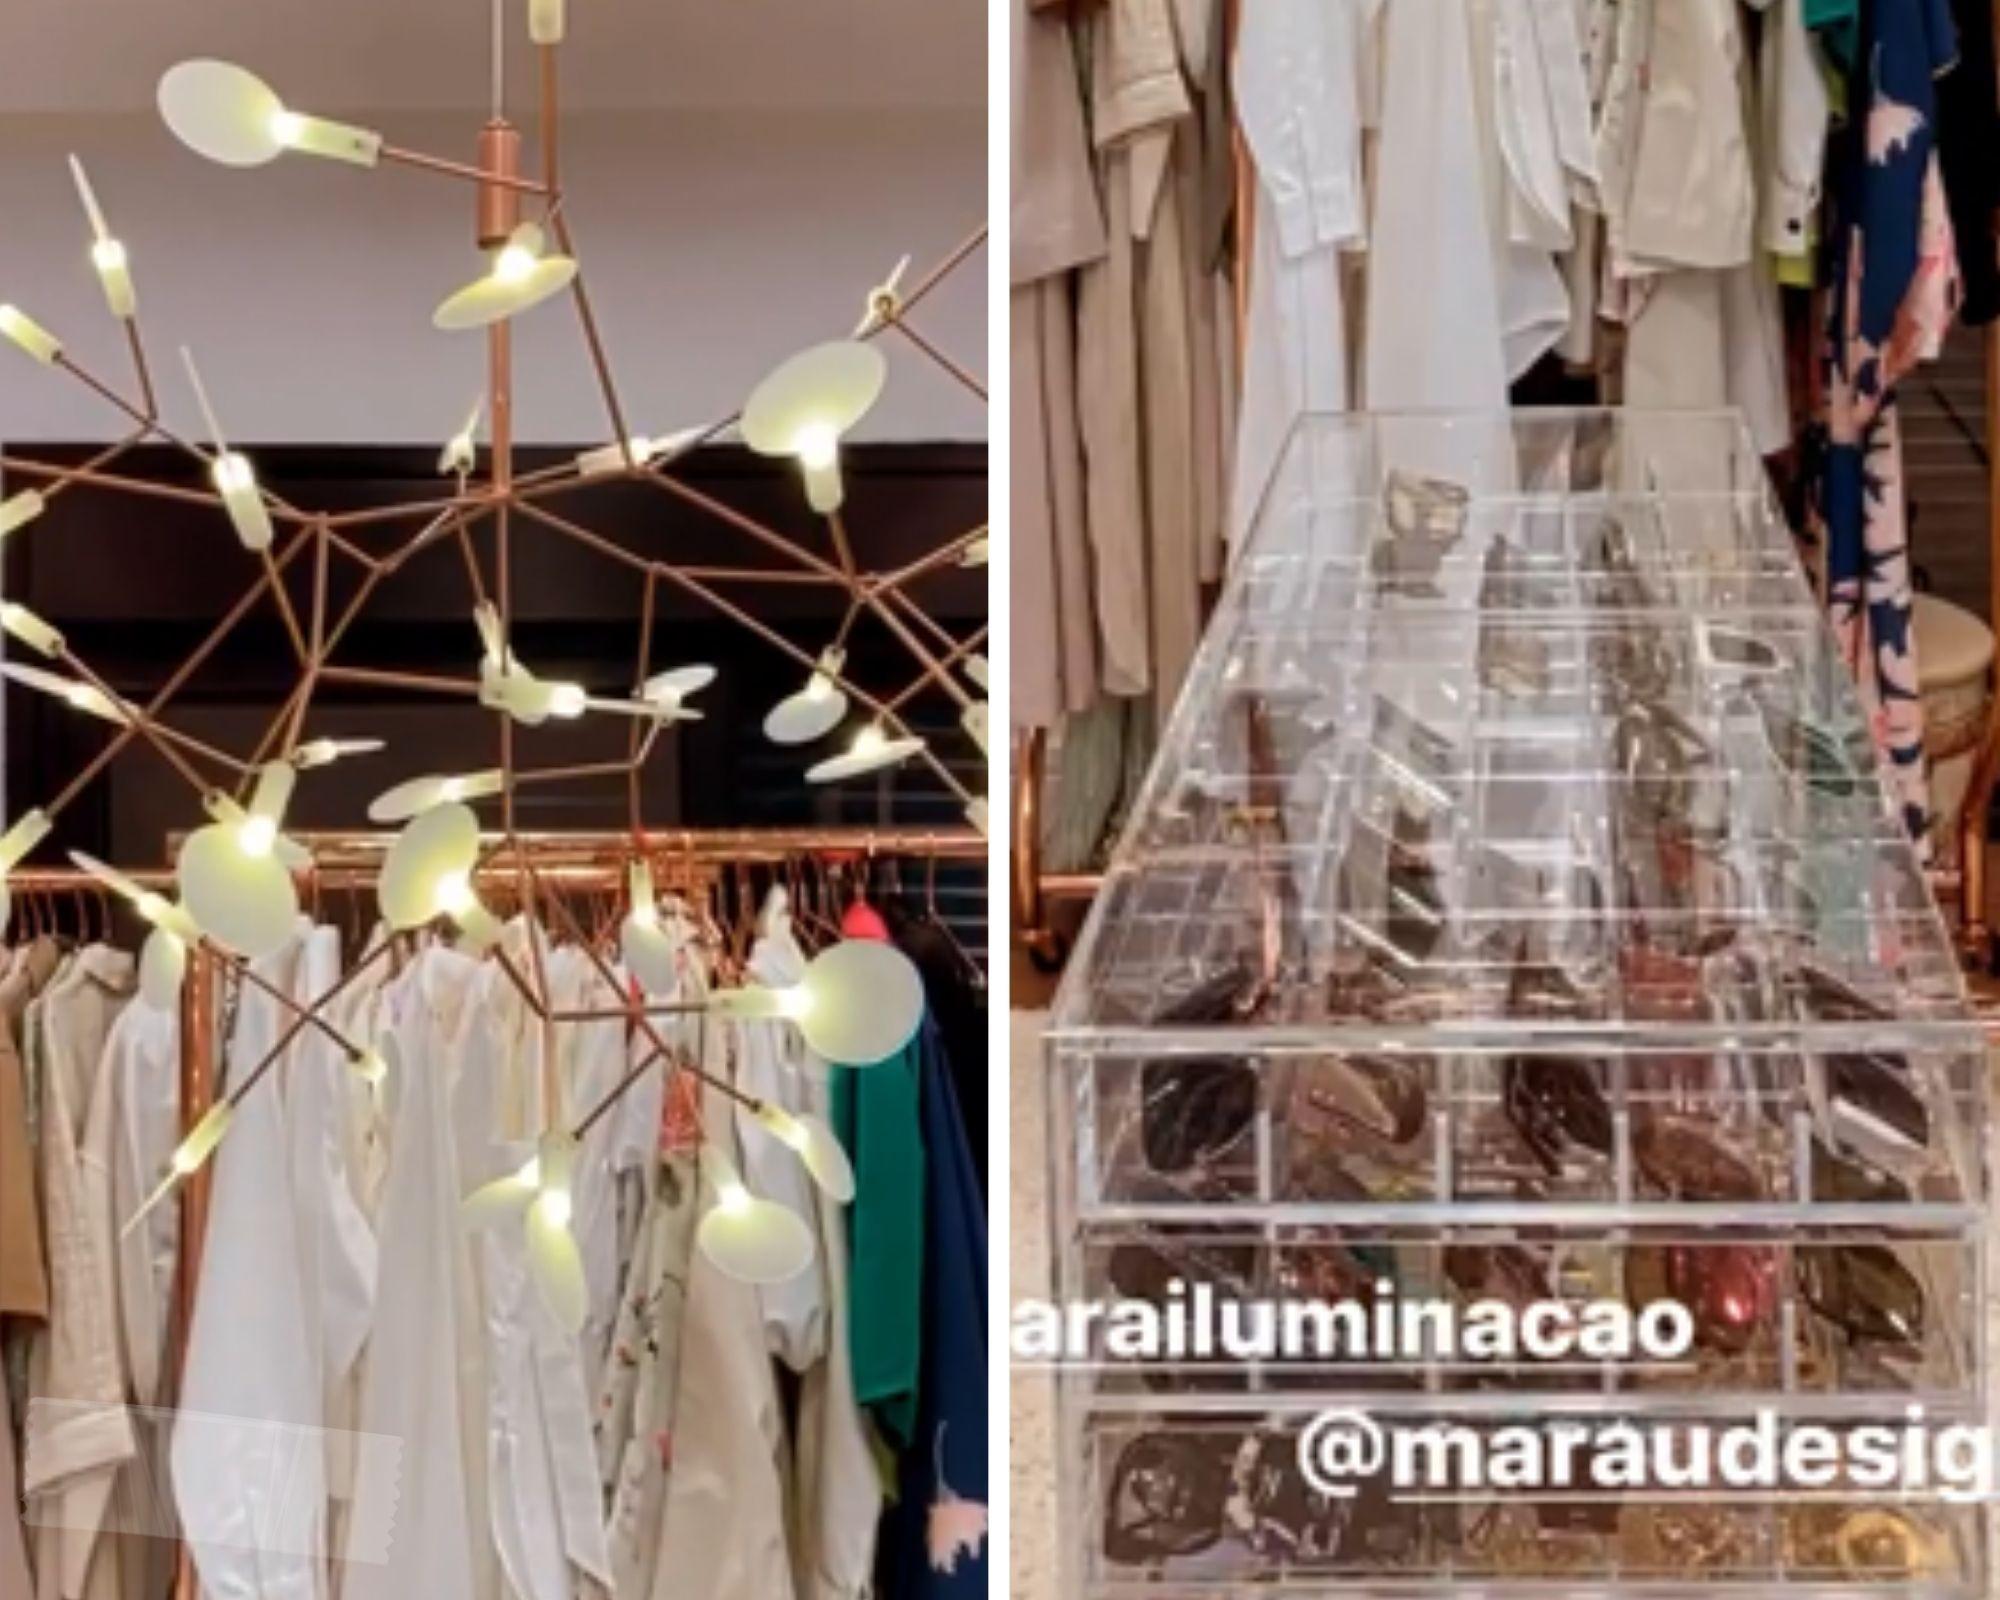 Lustre minimalista e coleção de óculos escuros chamam atenção em closet de Simaria (Foto: Reprodução/Instagram)